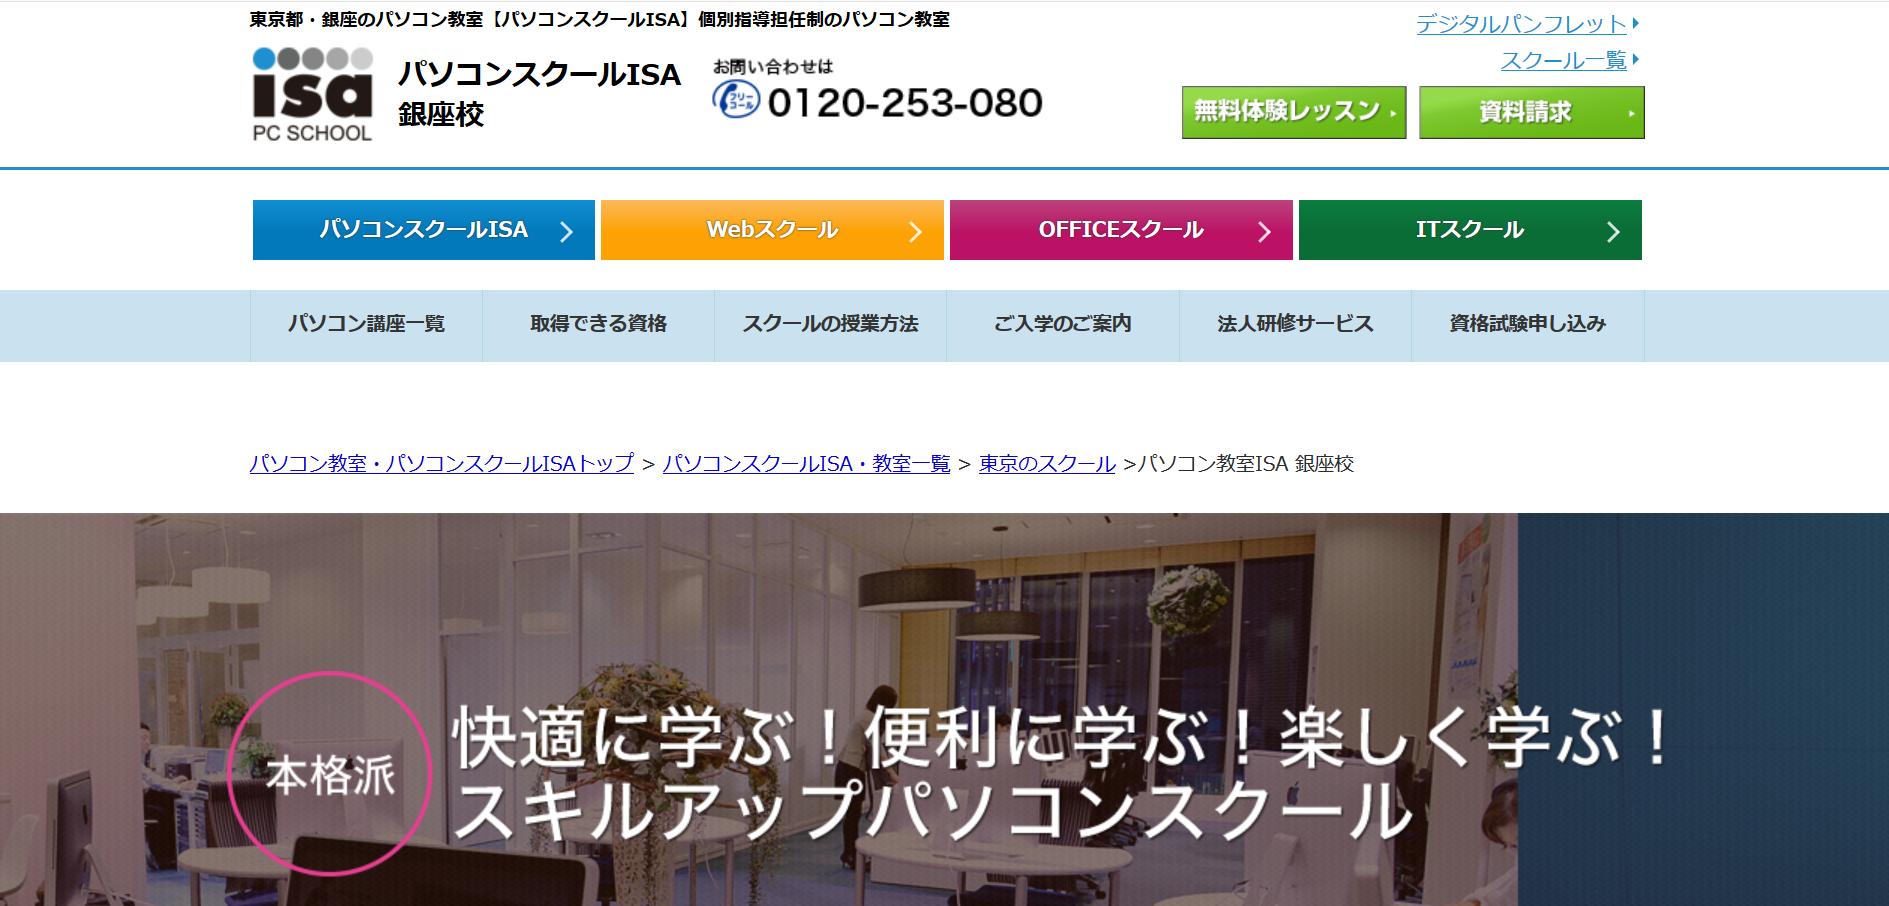 パソコン教室ISA 銀座校の評判・口コミ